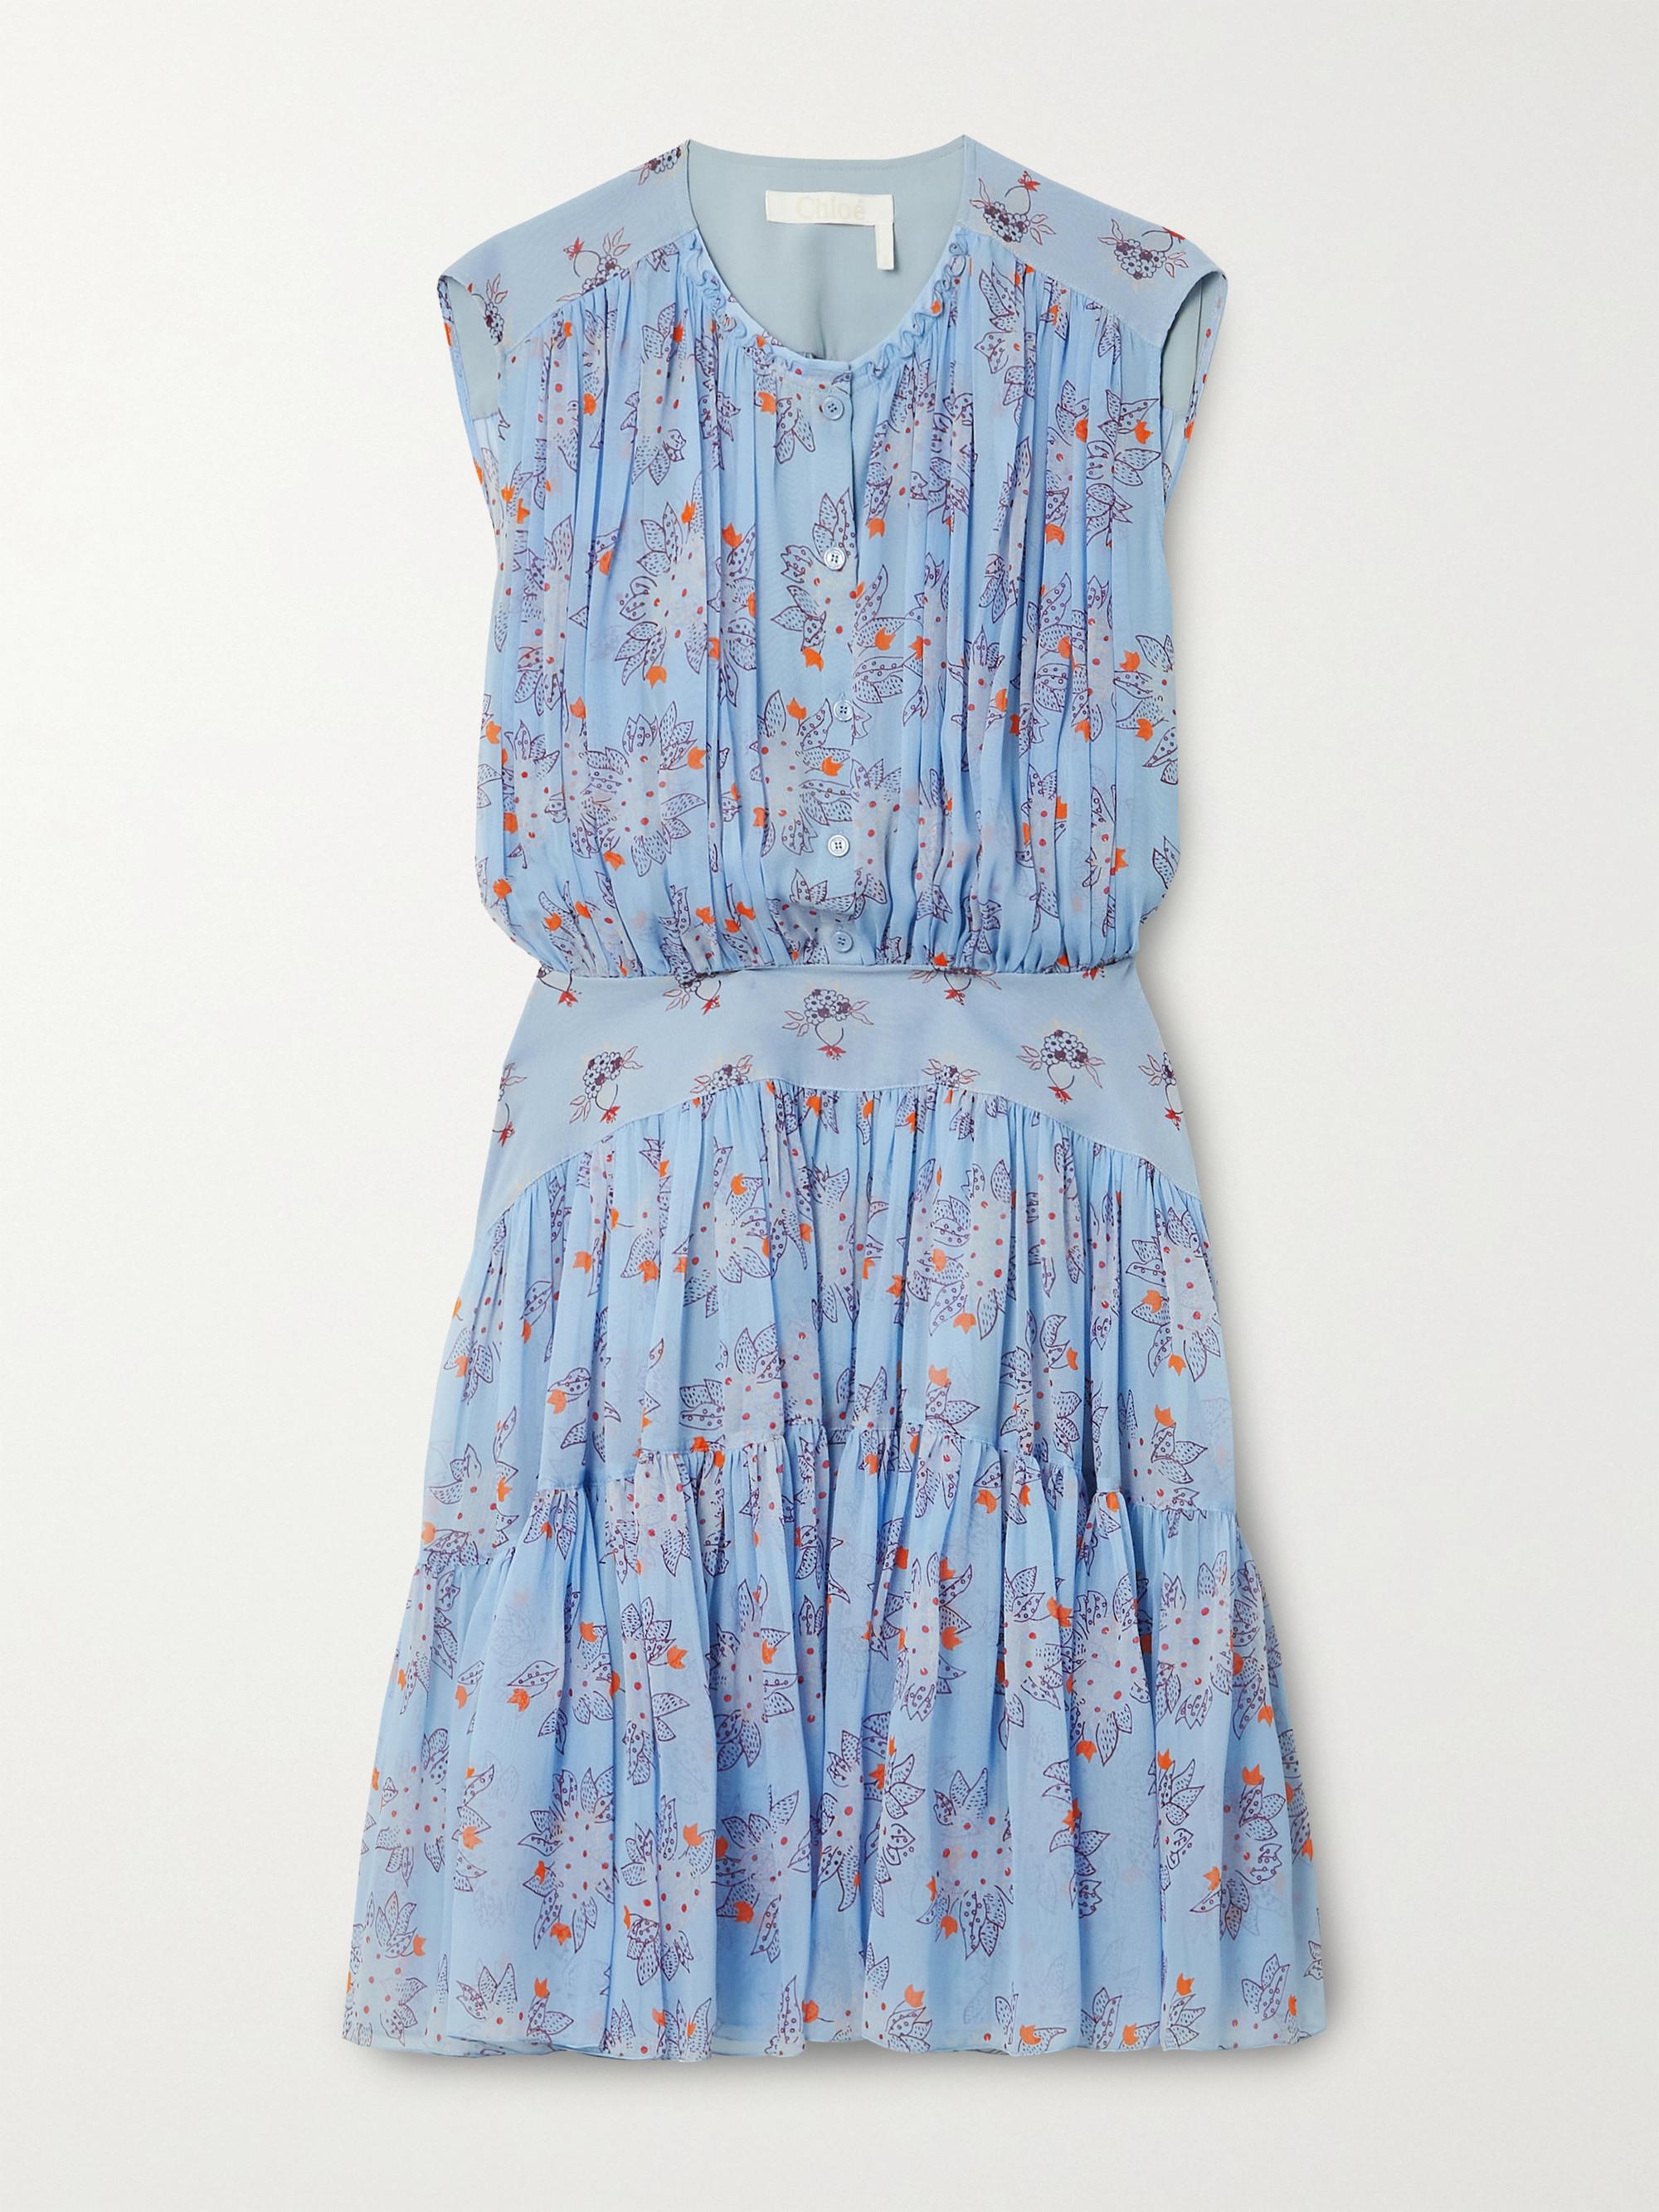 Chloé Minikleid aus Seiden-Georgette mit Blumenprint und Raffungen